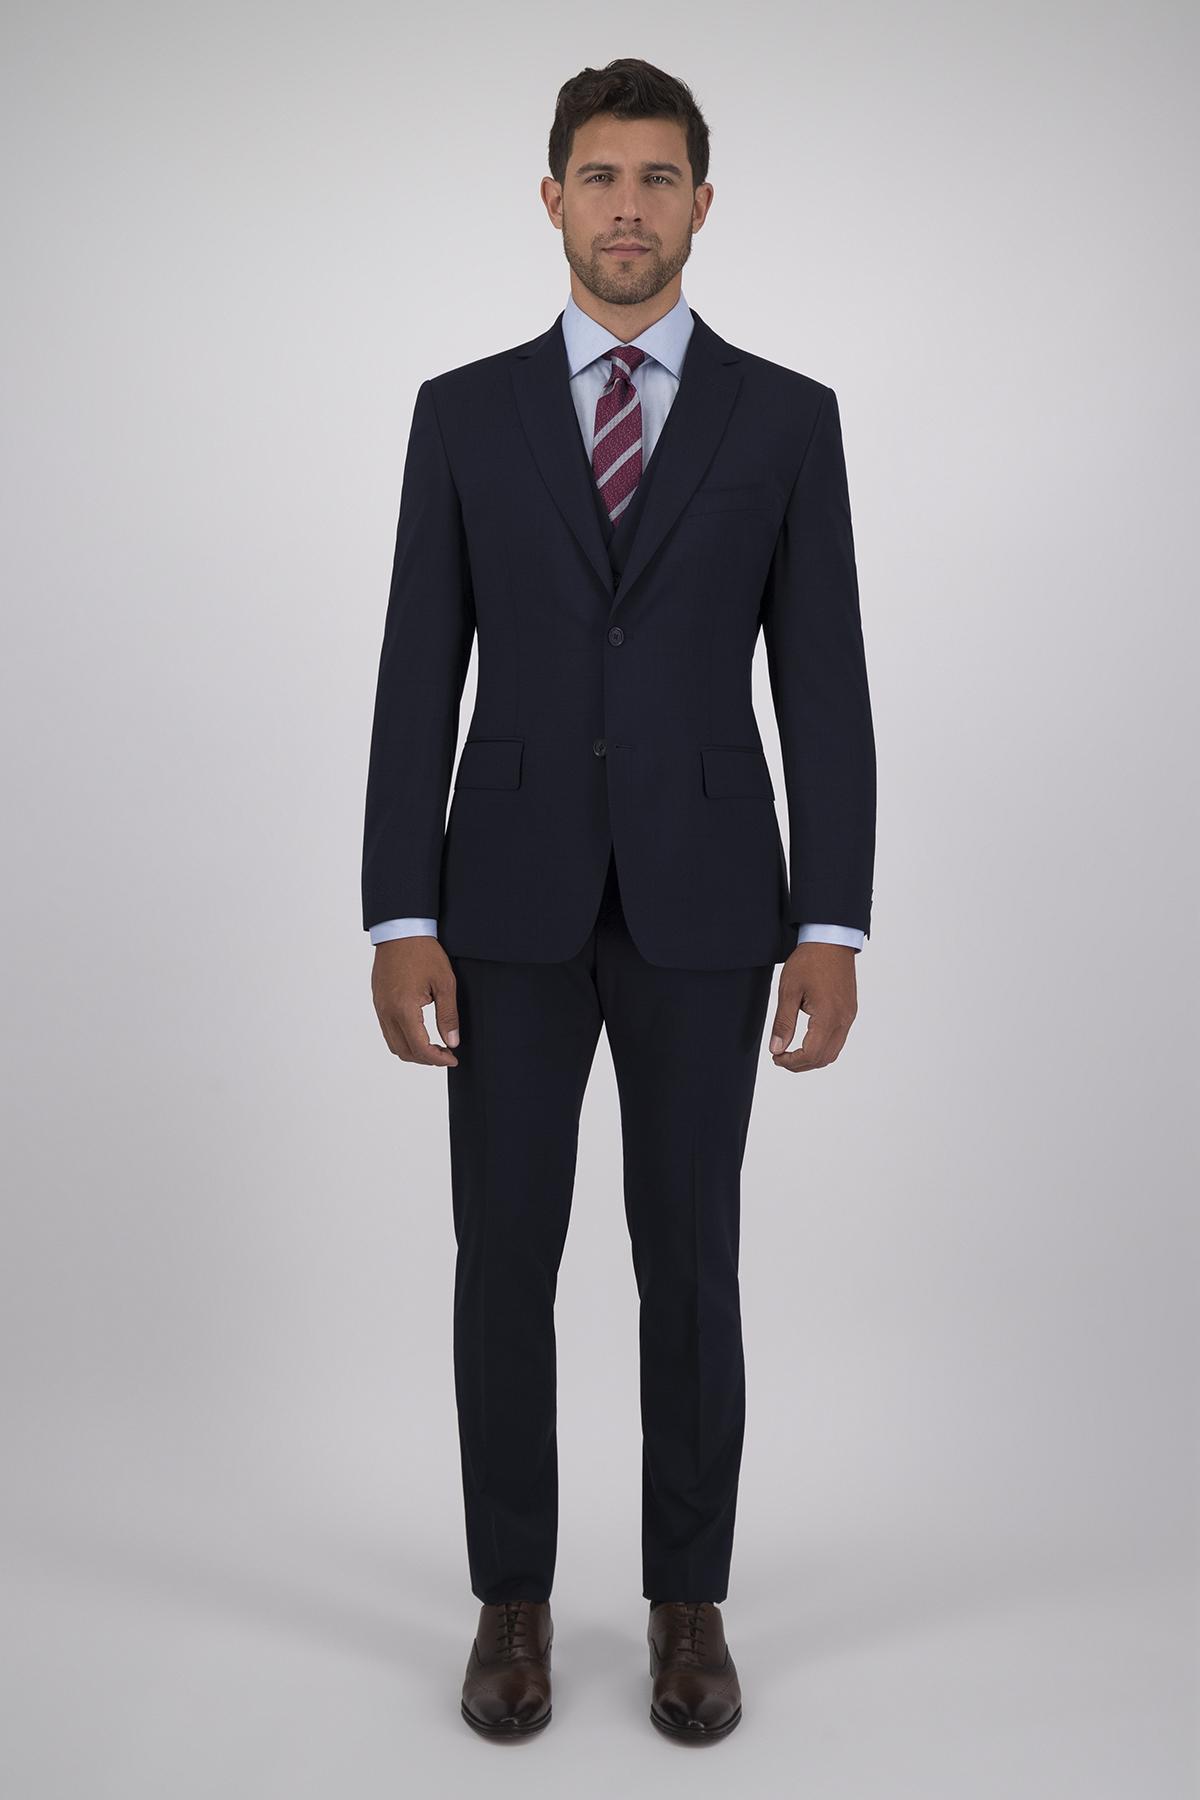 Traje Calderoni Azul Principe de Gales con Tejido super 130´s Corte Slim, 2 Piezas.